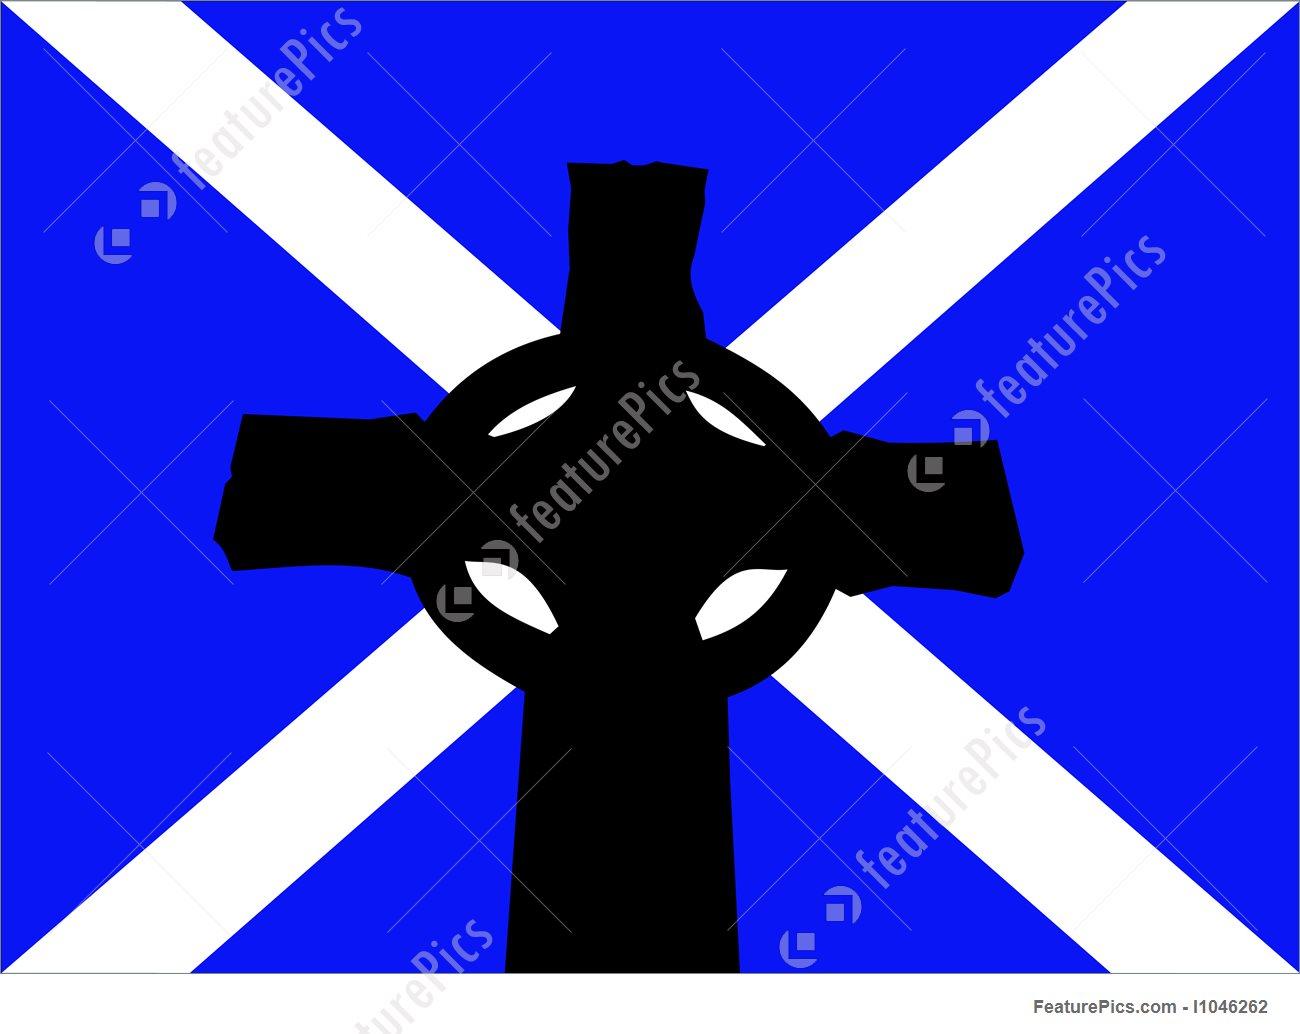 Celtic Cross Flag Backgrounds, Compatible - PC, Mobile, Gadgets| 1300x1034 px